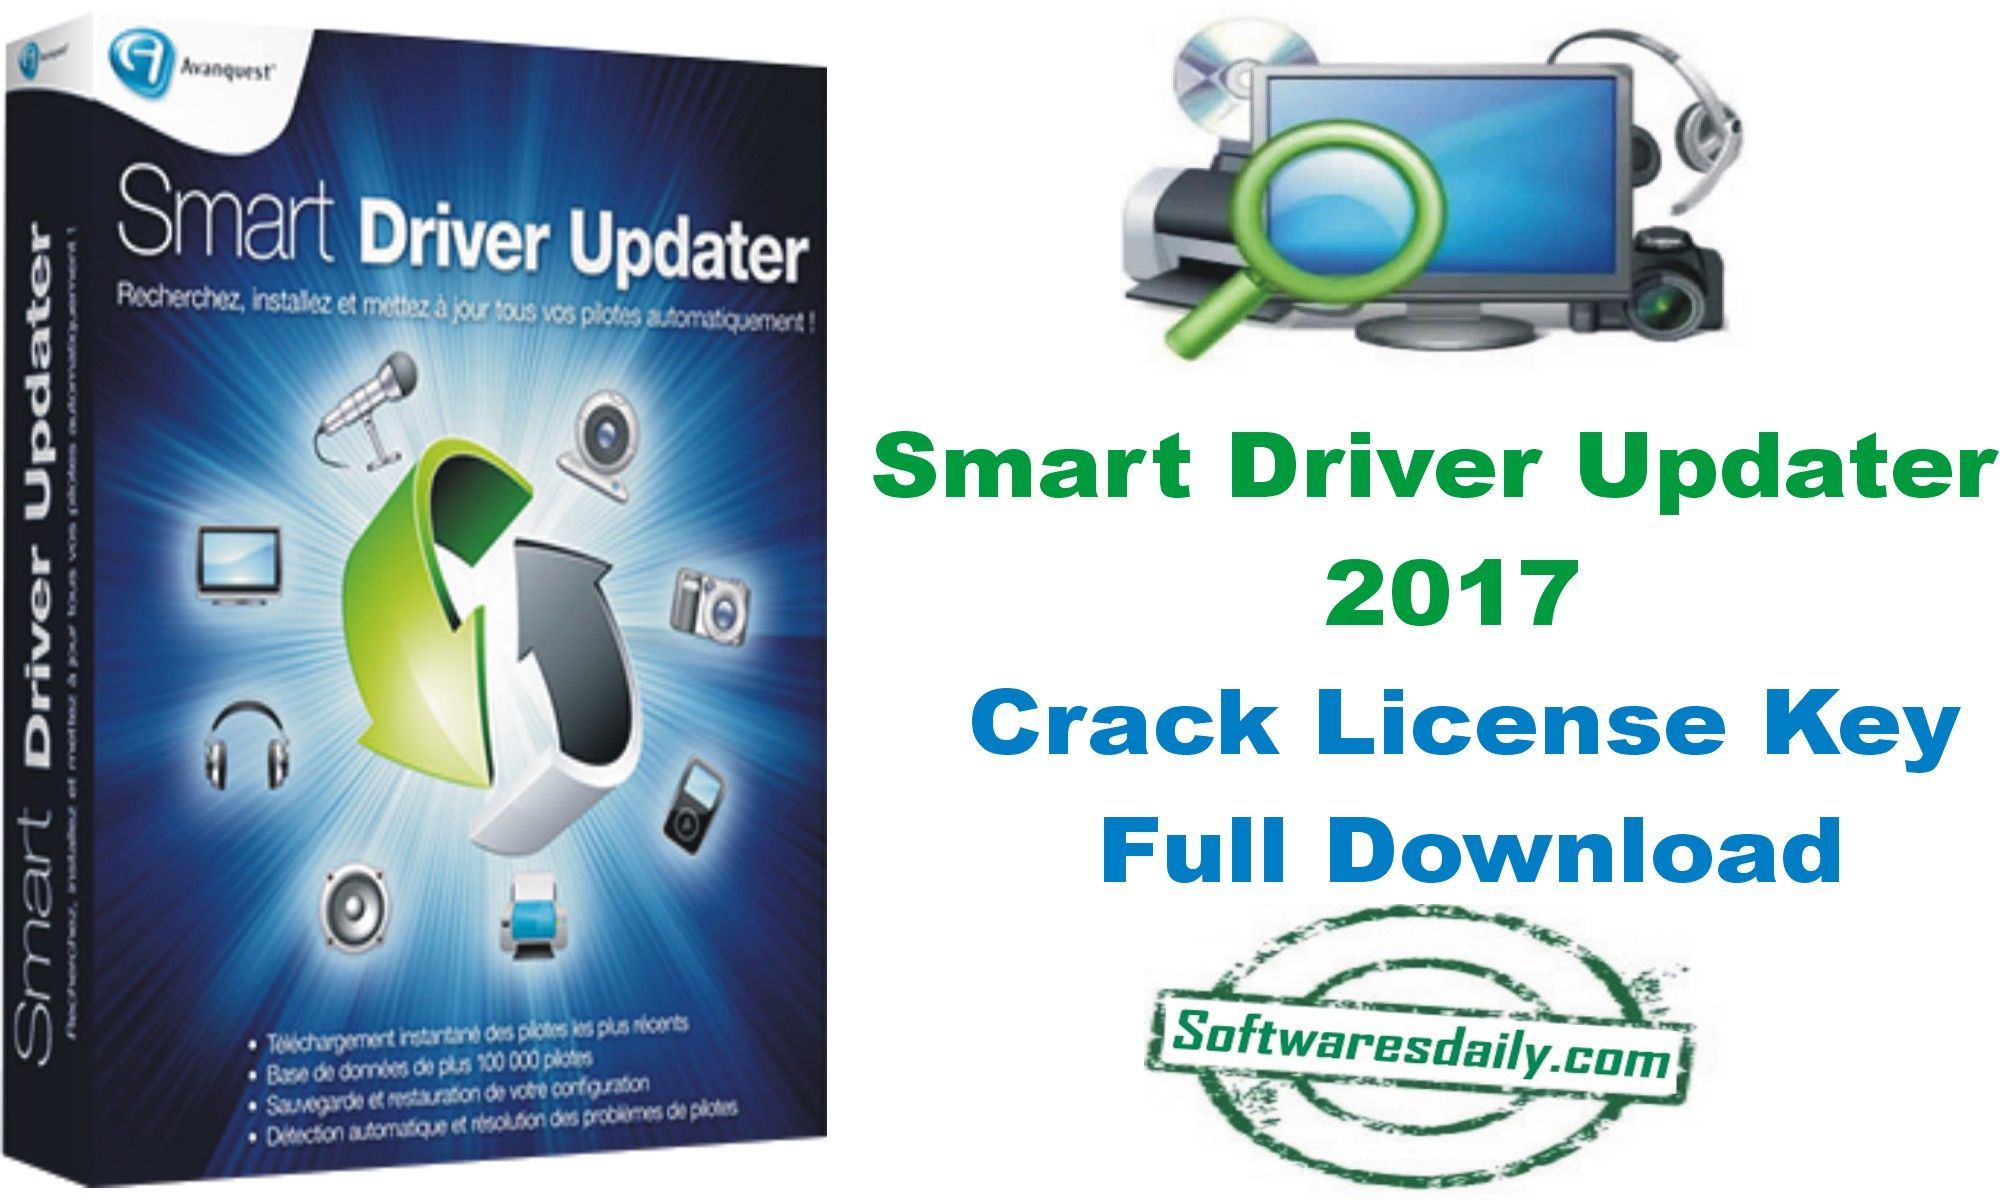 smart driver updater license key 2017